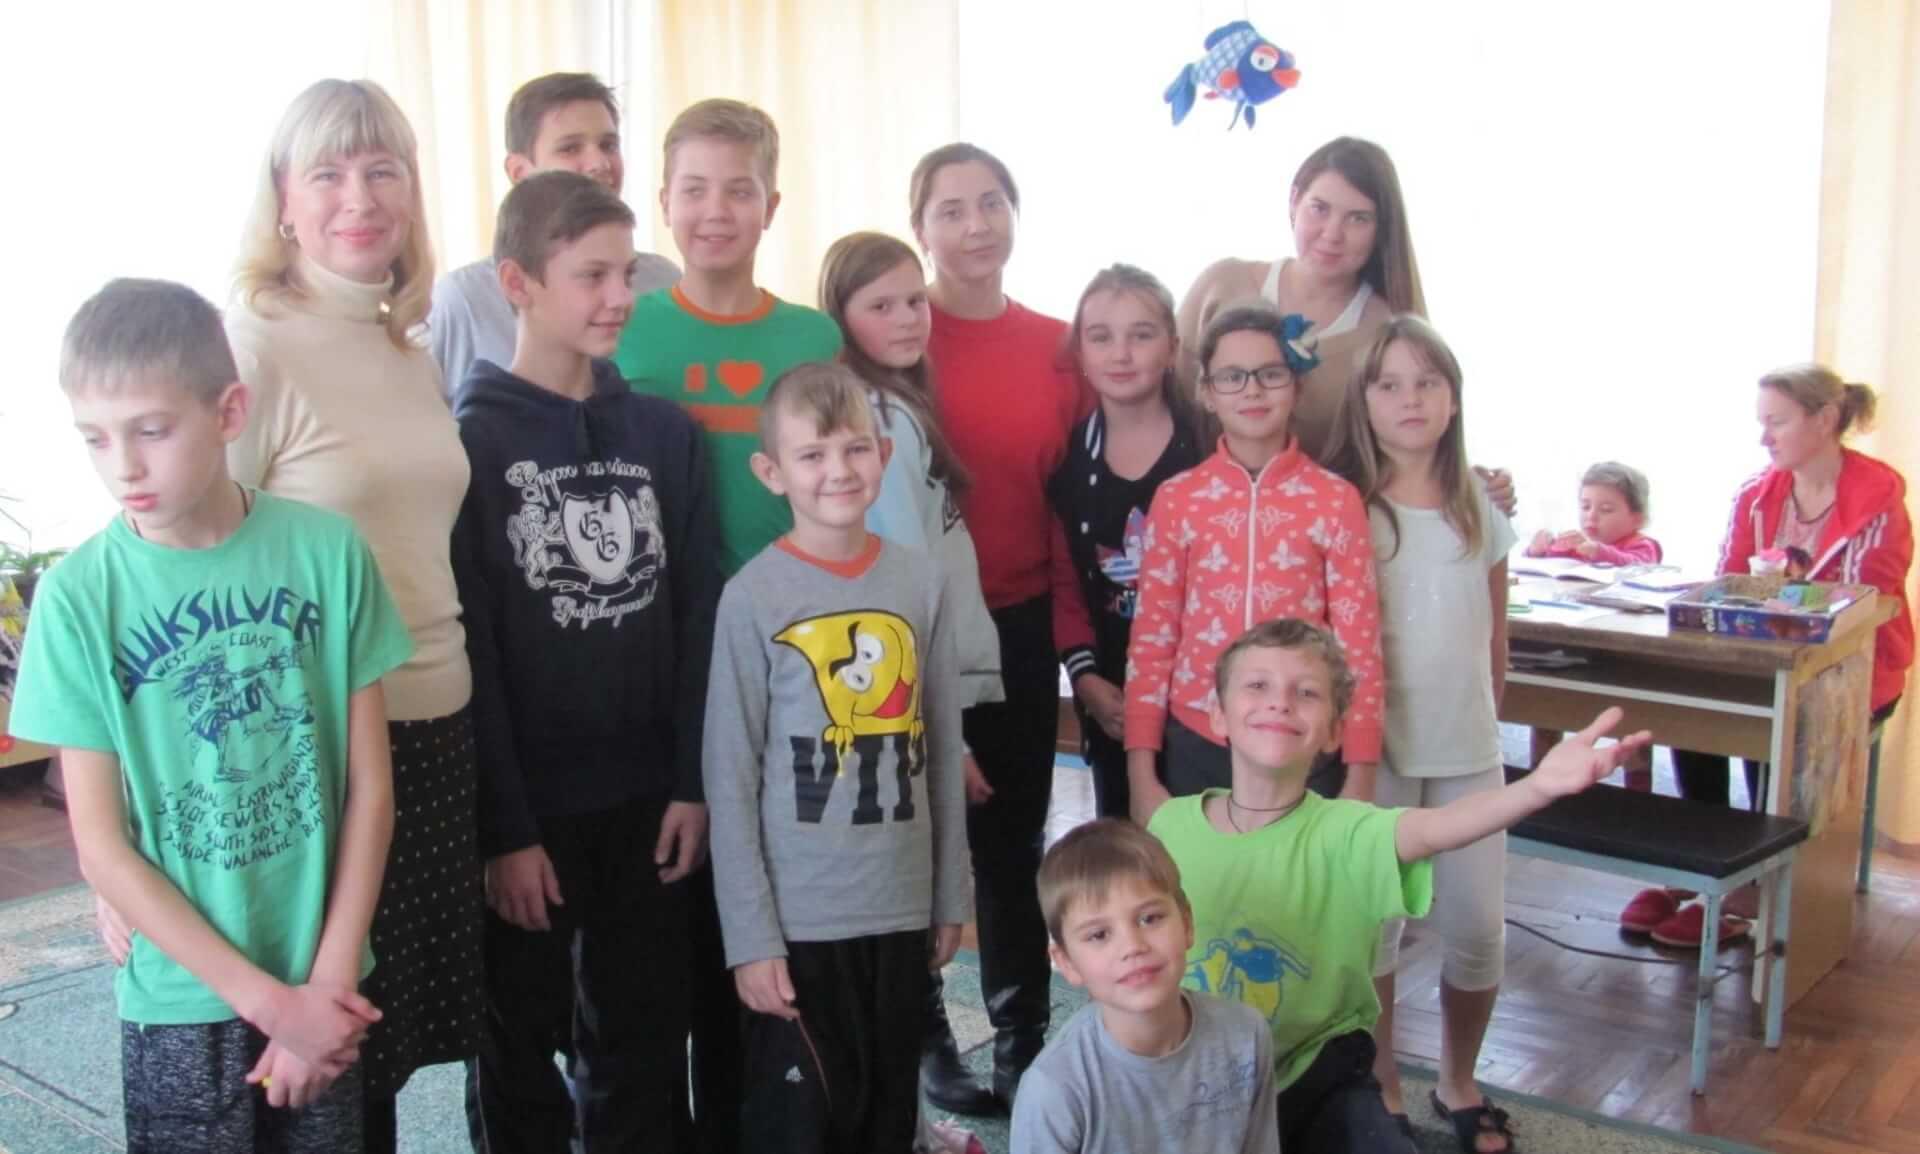 Волонтери з подарунками відвідали неврологічне відділення лікарні Міська дитяча лікарня №5 детская больница Запорожье